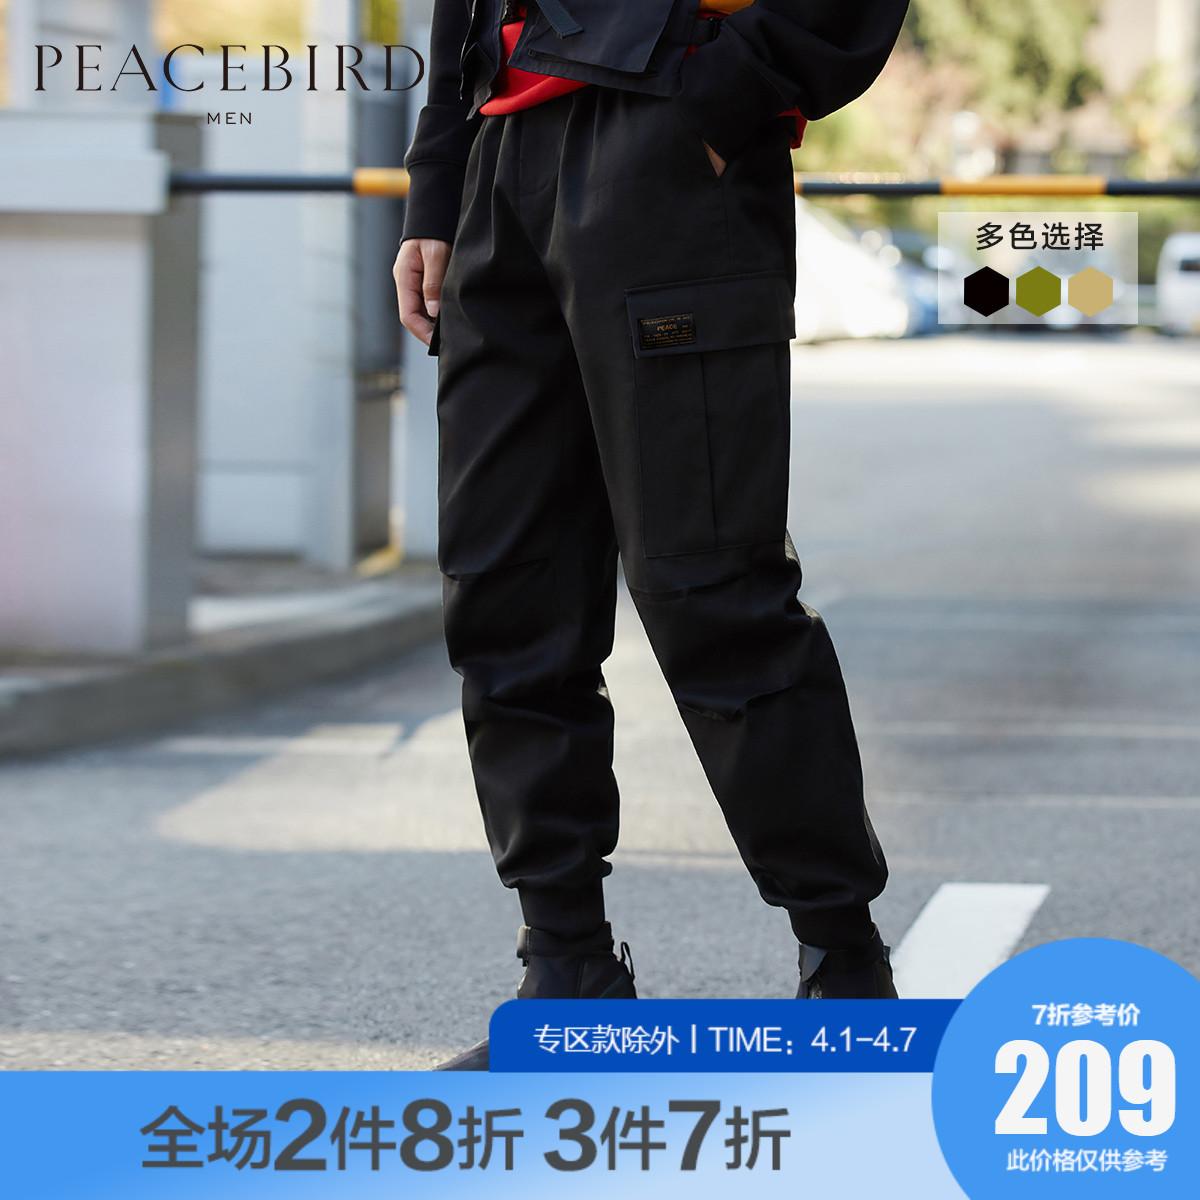 太平鸟男装 春季新款韩版工装裤嘻哈多口袋束脚裤美式ins休闲裤